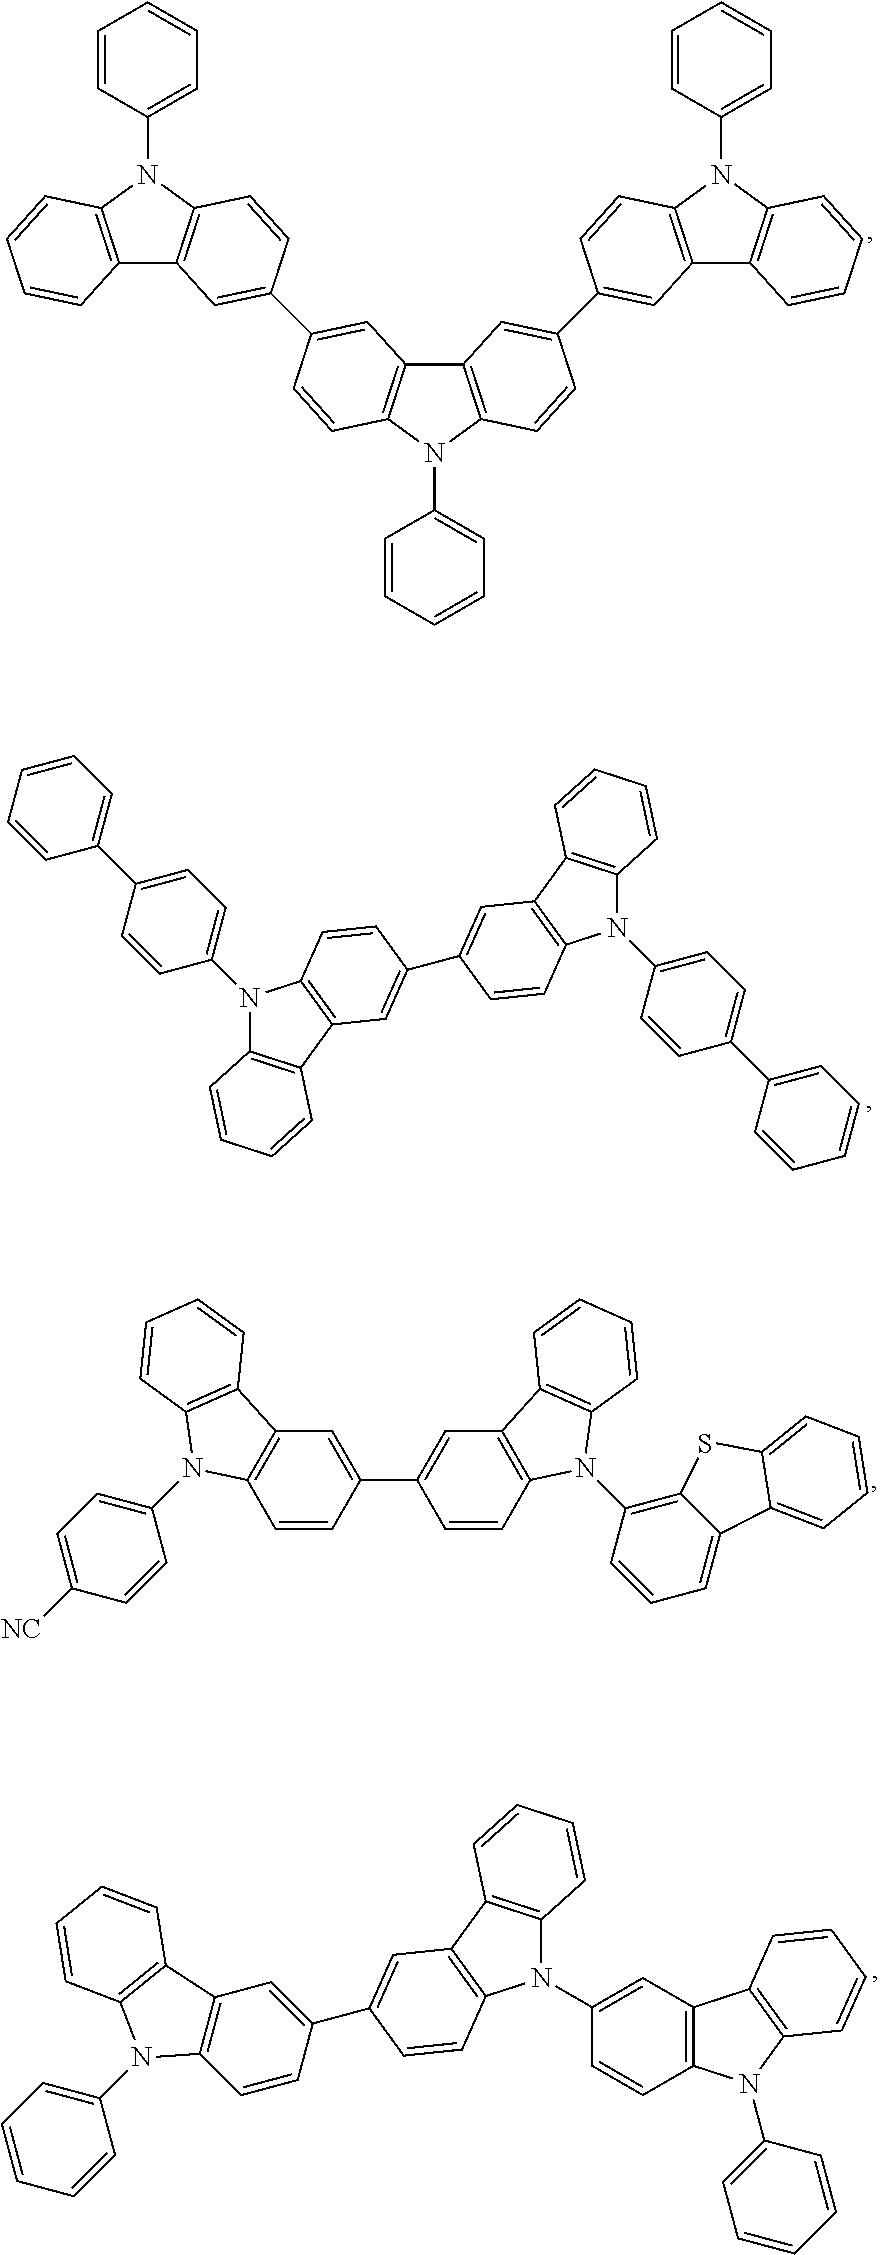 Figure US20180076393A1-20180315-C00055